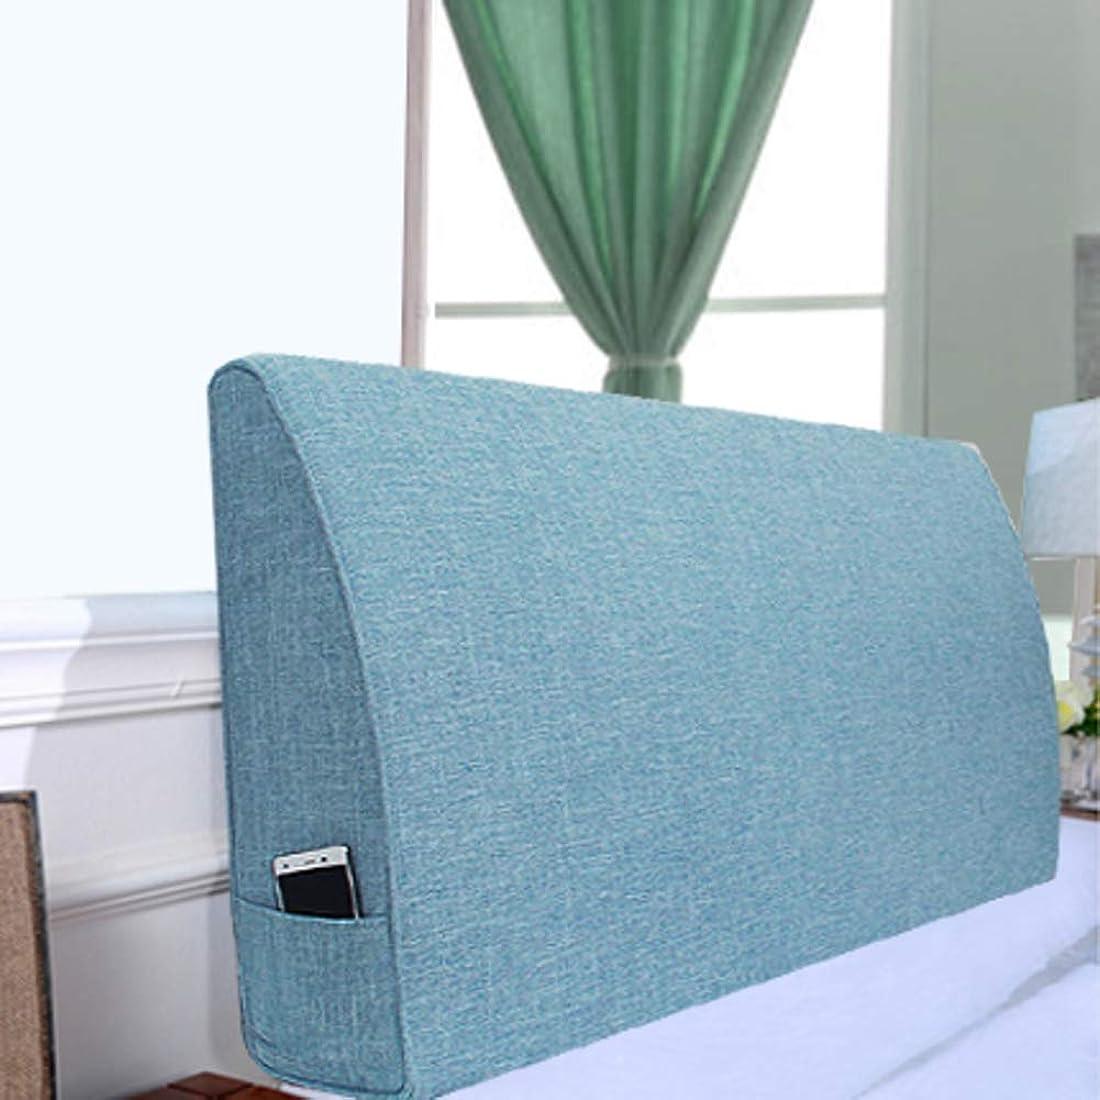 箱リビジョンコミュニティコンフォート ベッドウェッジ枕-ソファベッド オフィス椅子クッション, 読書枕 ソリッドトライアングルクッション布張り ベッド ヘッドボード ベッド バックレスト 枕 取り外し可能な畳-13